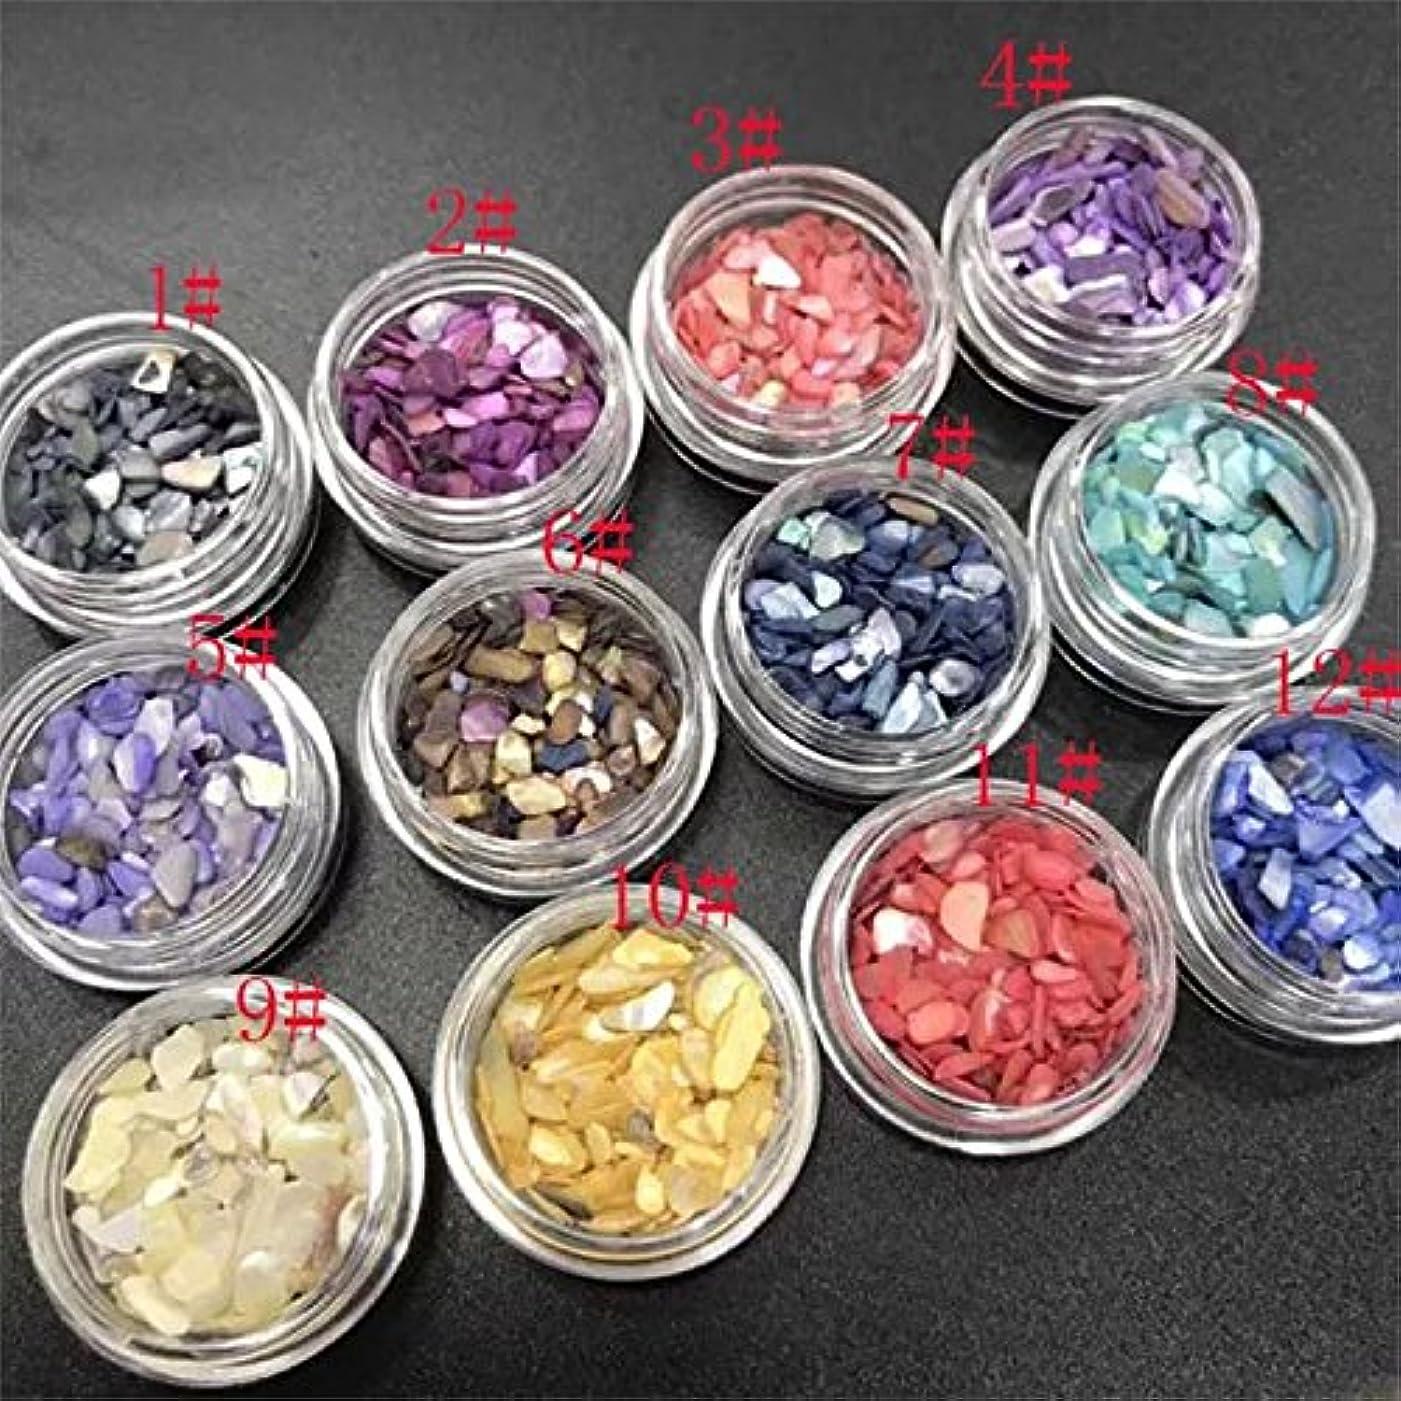 判決私たちのあいにく12色入り 最新 シェルストーン セット シェルフラワー アート用ストーン 貝殻